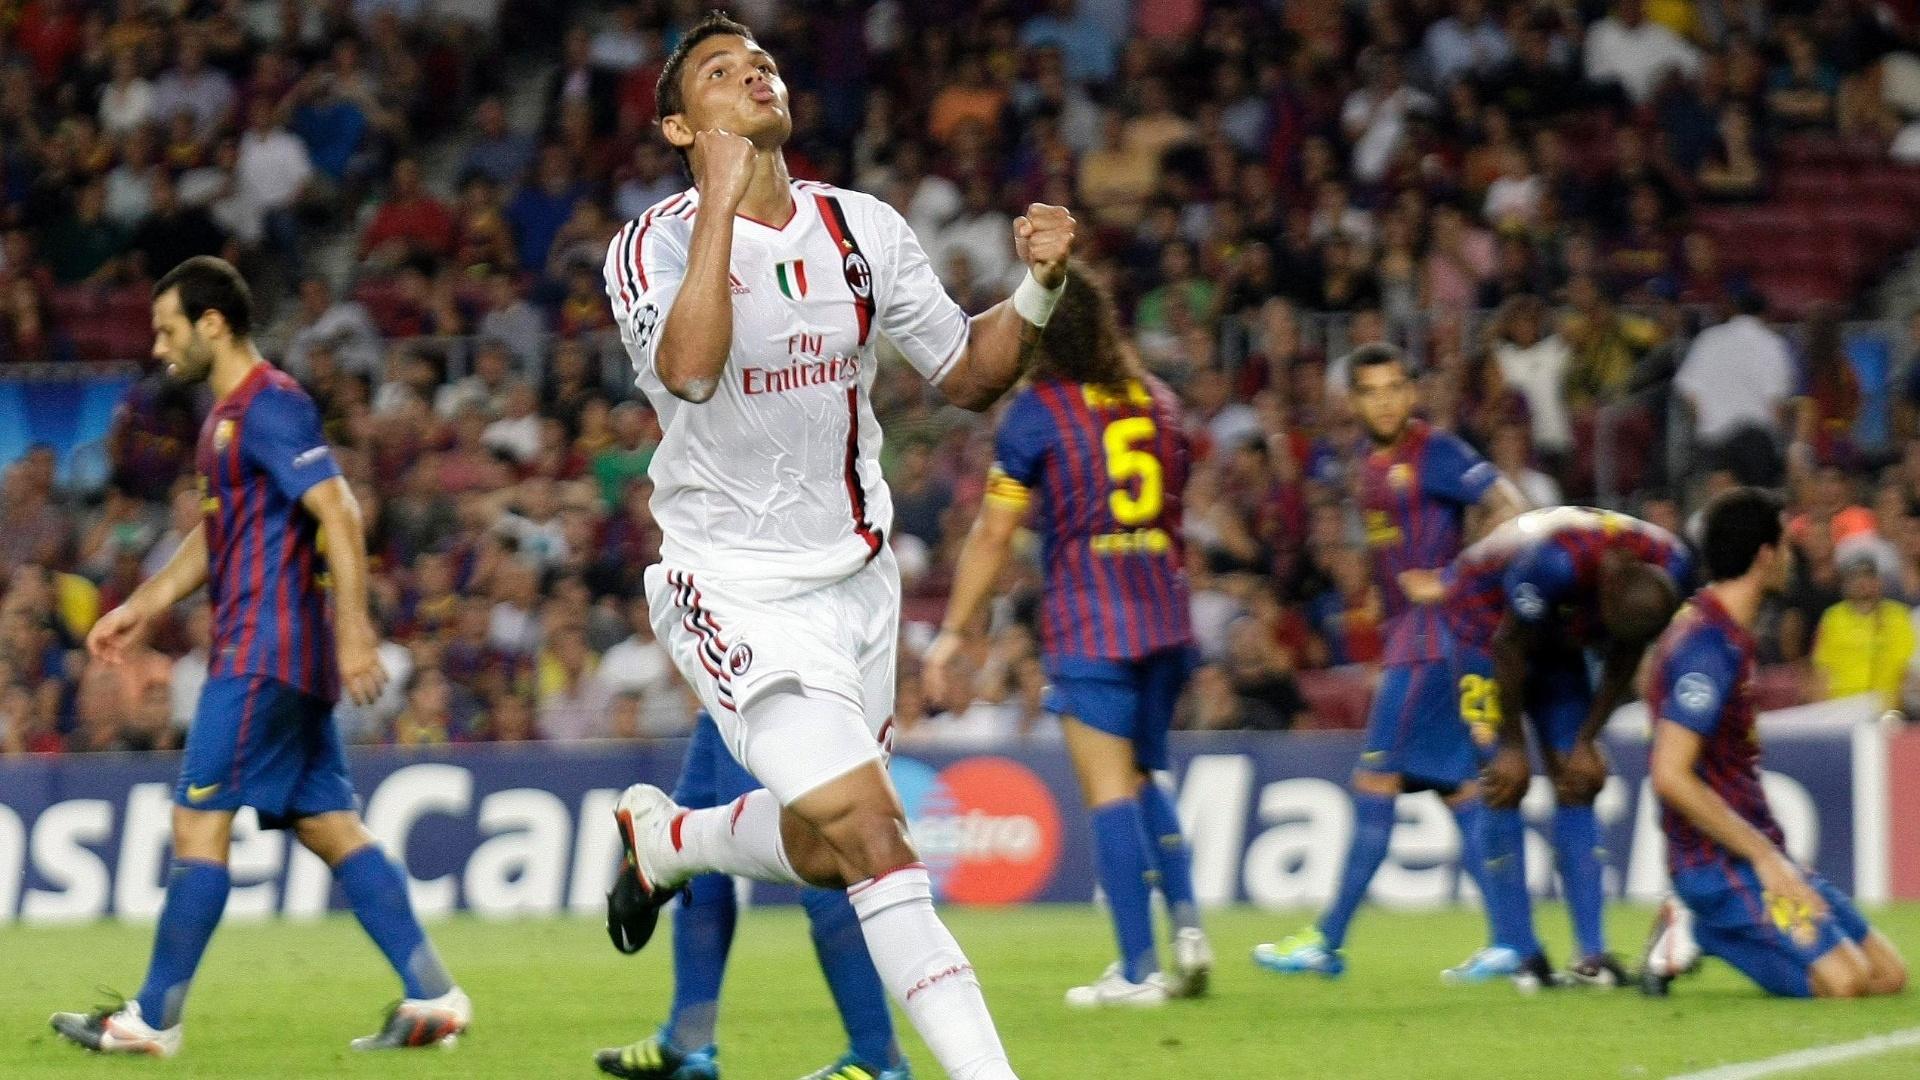 Thiago Silva comemora ao marcar o segundo gol do Milan contra o Barcelona (13/09/2011)